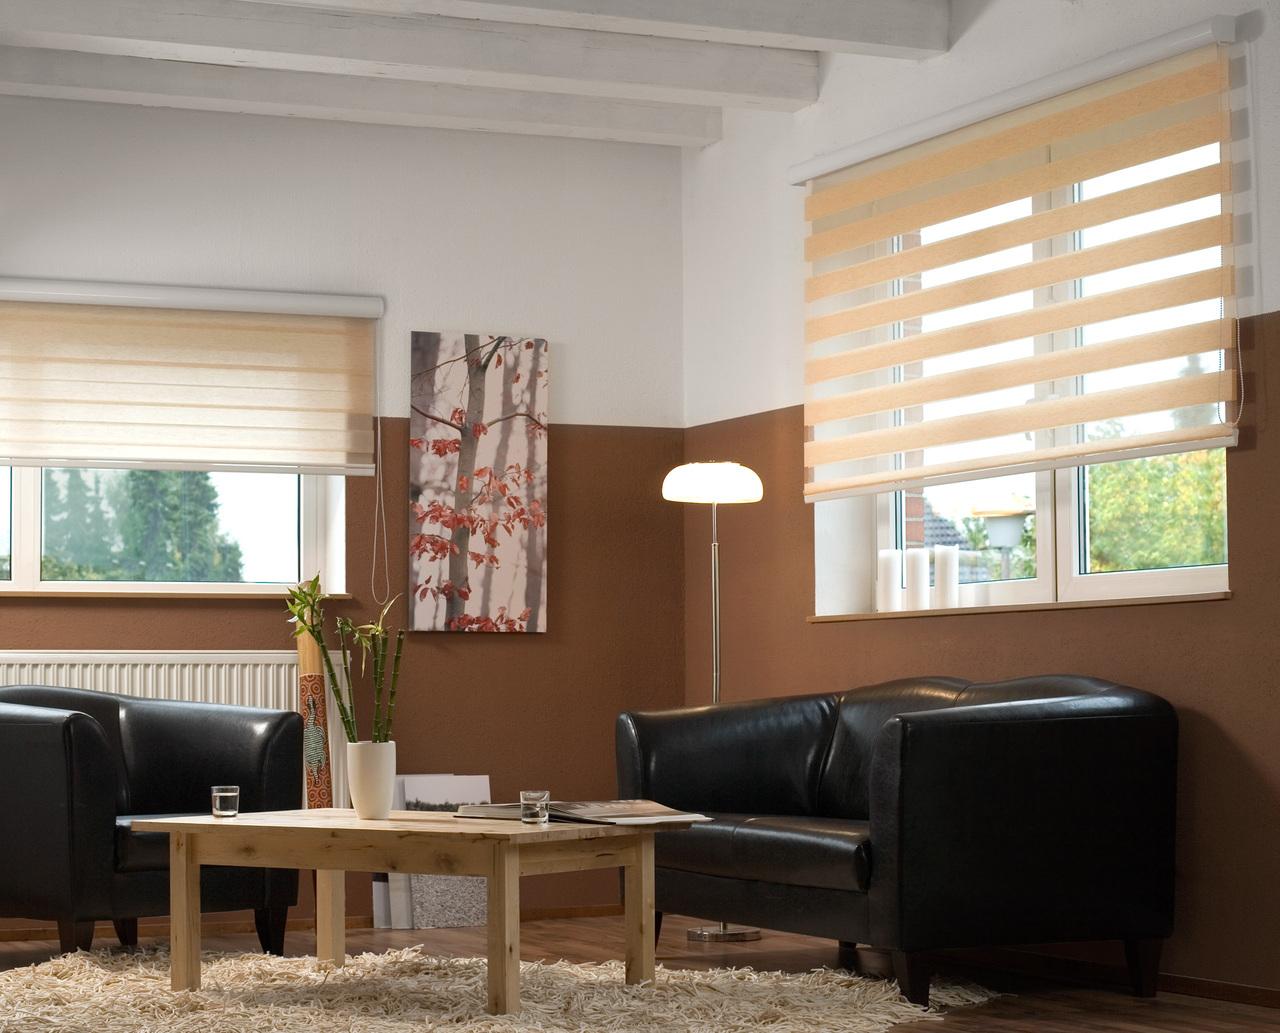 doppelrollos dekoration sonnenschutz blendschutz und sichtschutz nice price deco. Black Bedroom Furniture Sets. Home Design Ideas